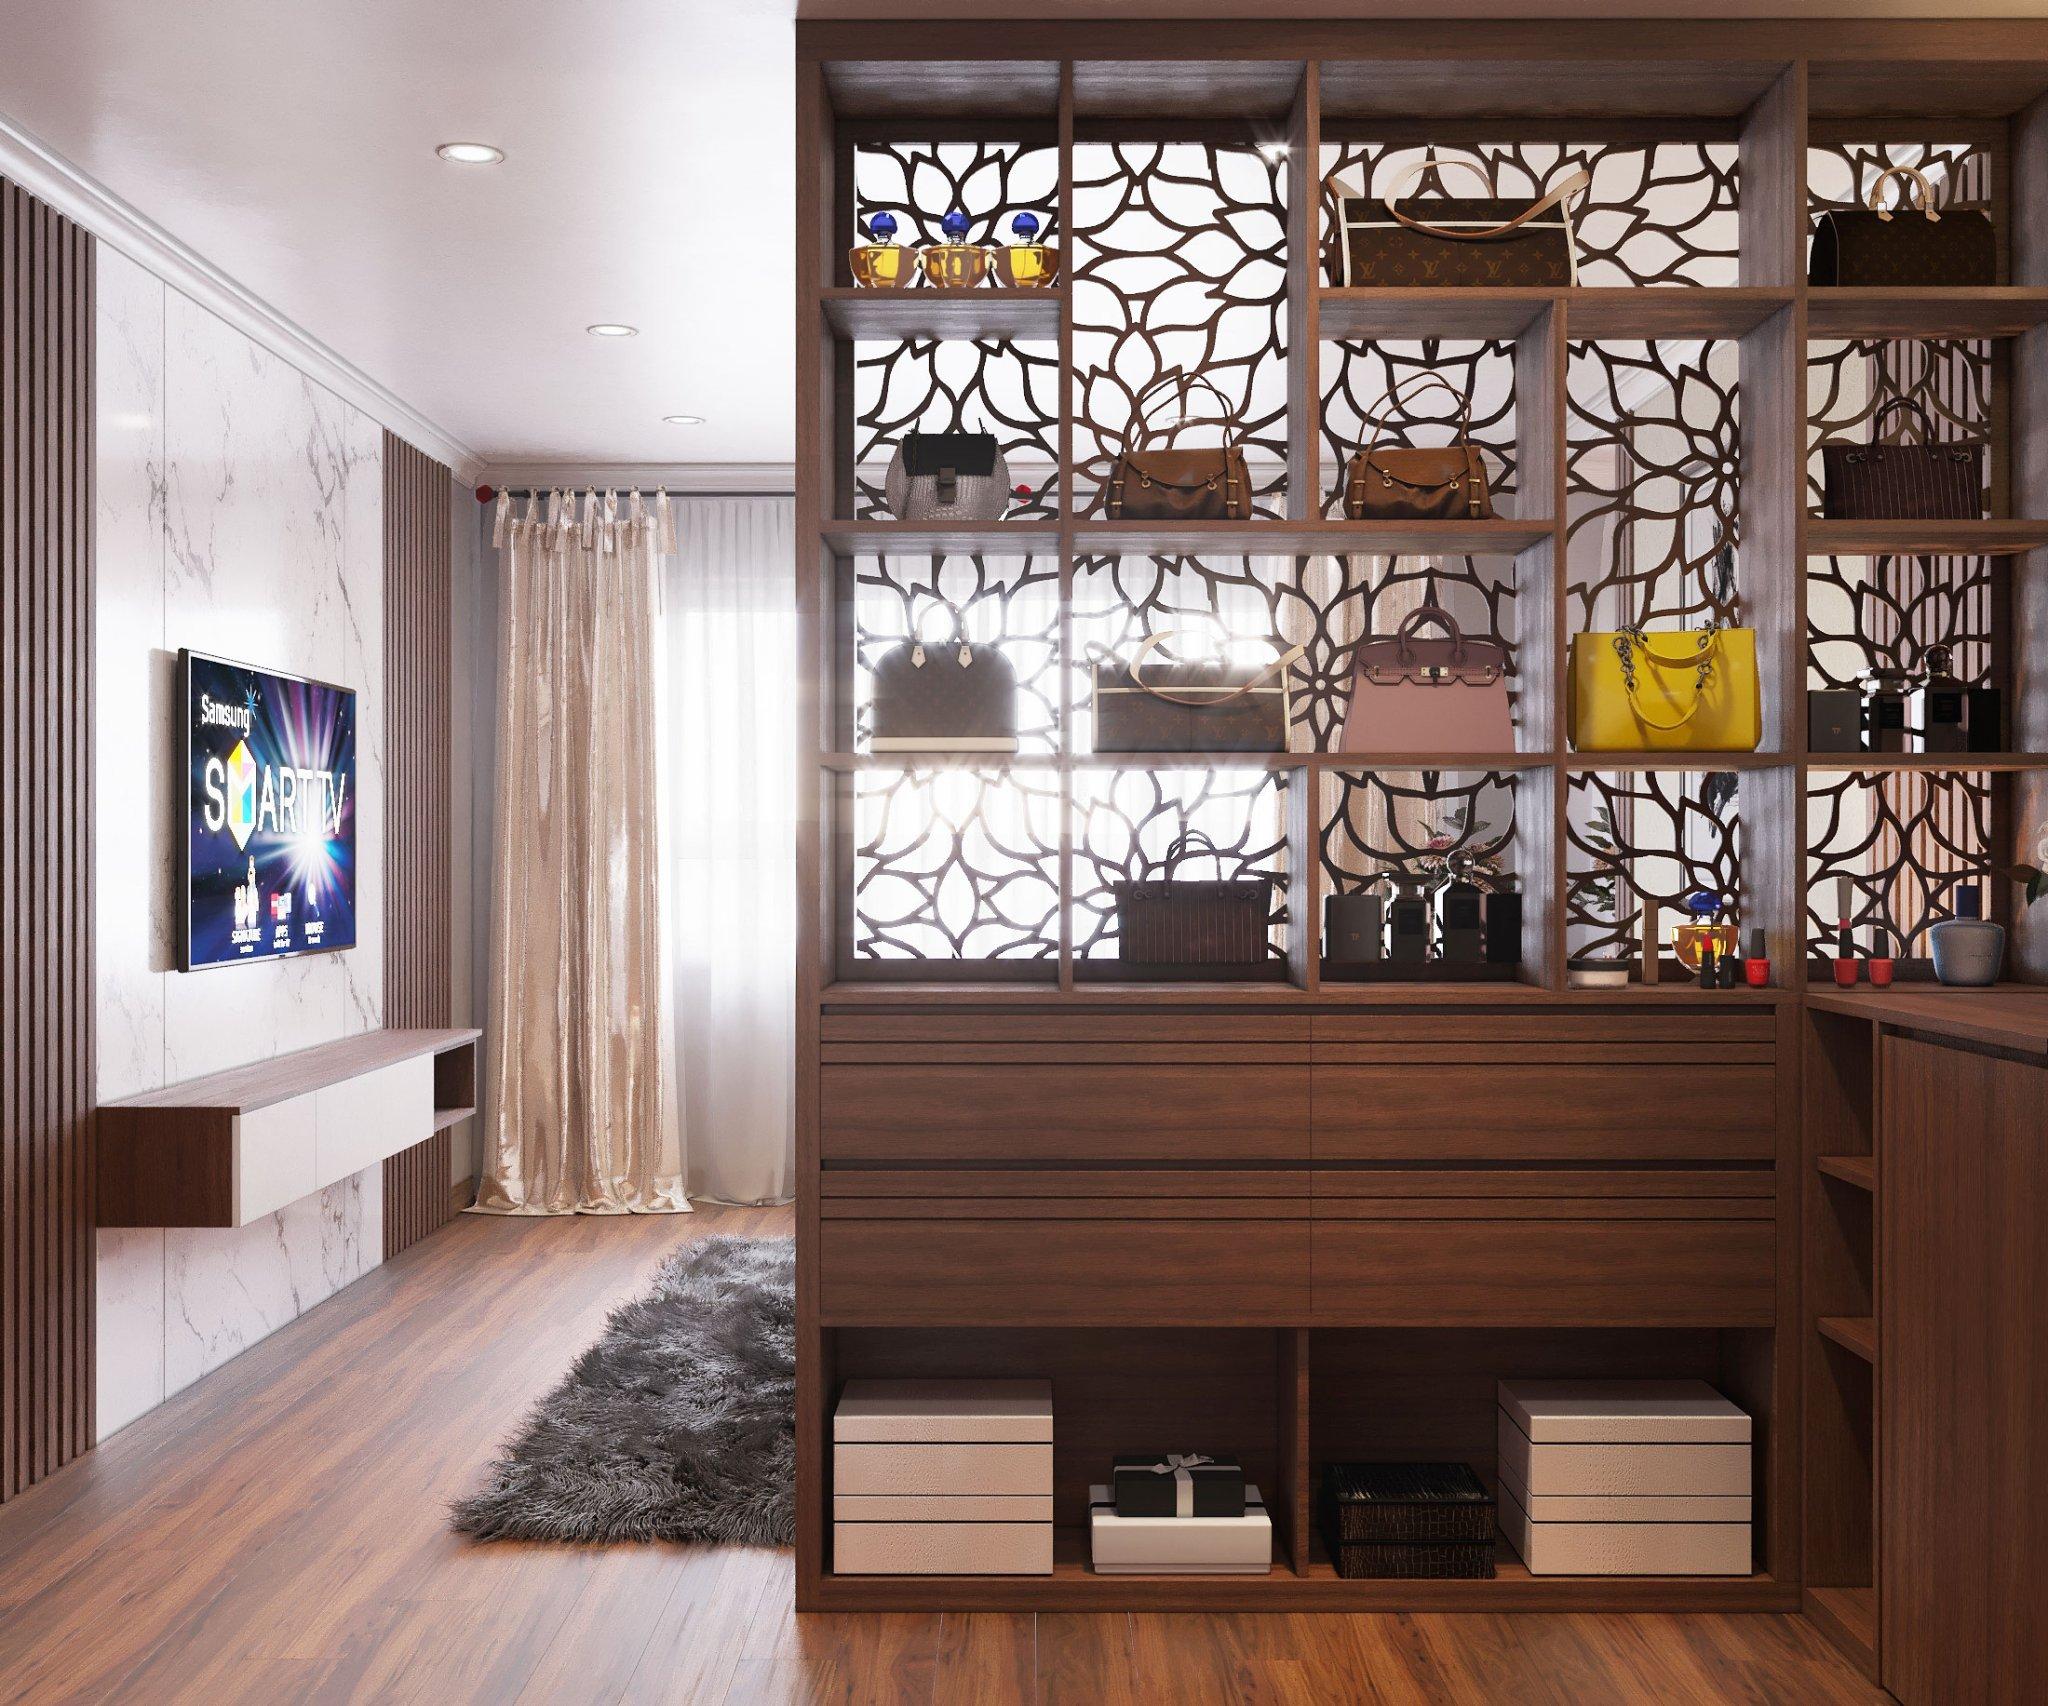 Thiết kế nội thất chung cư căn 114m2 An Bình City Vách ngăn gỗ